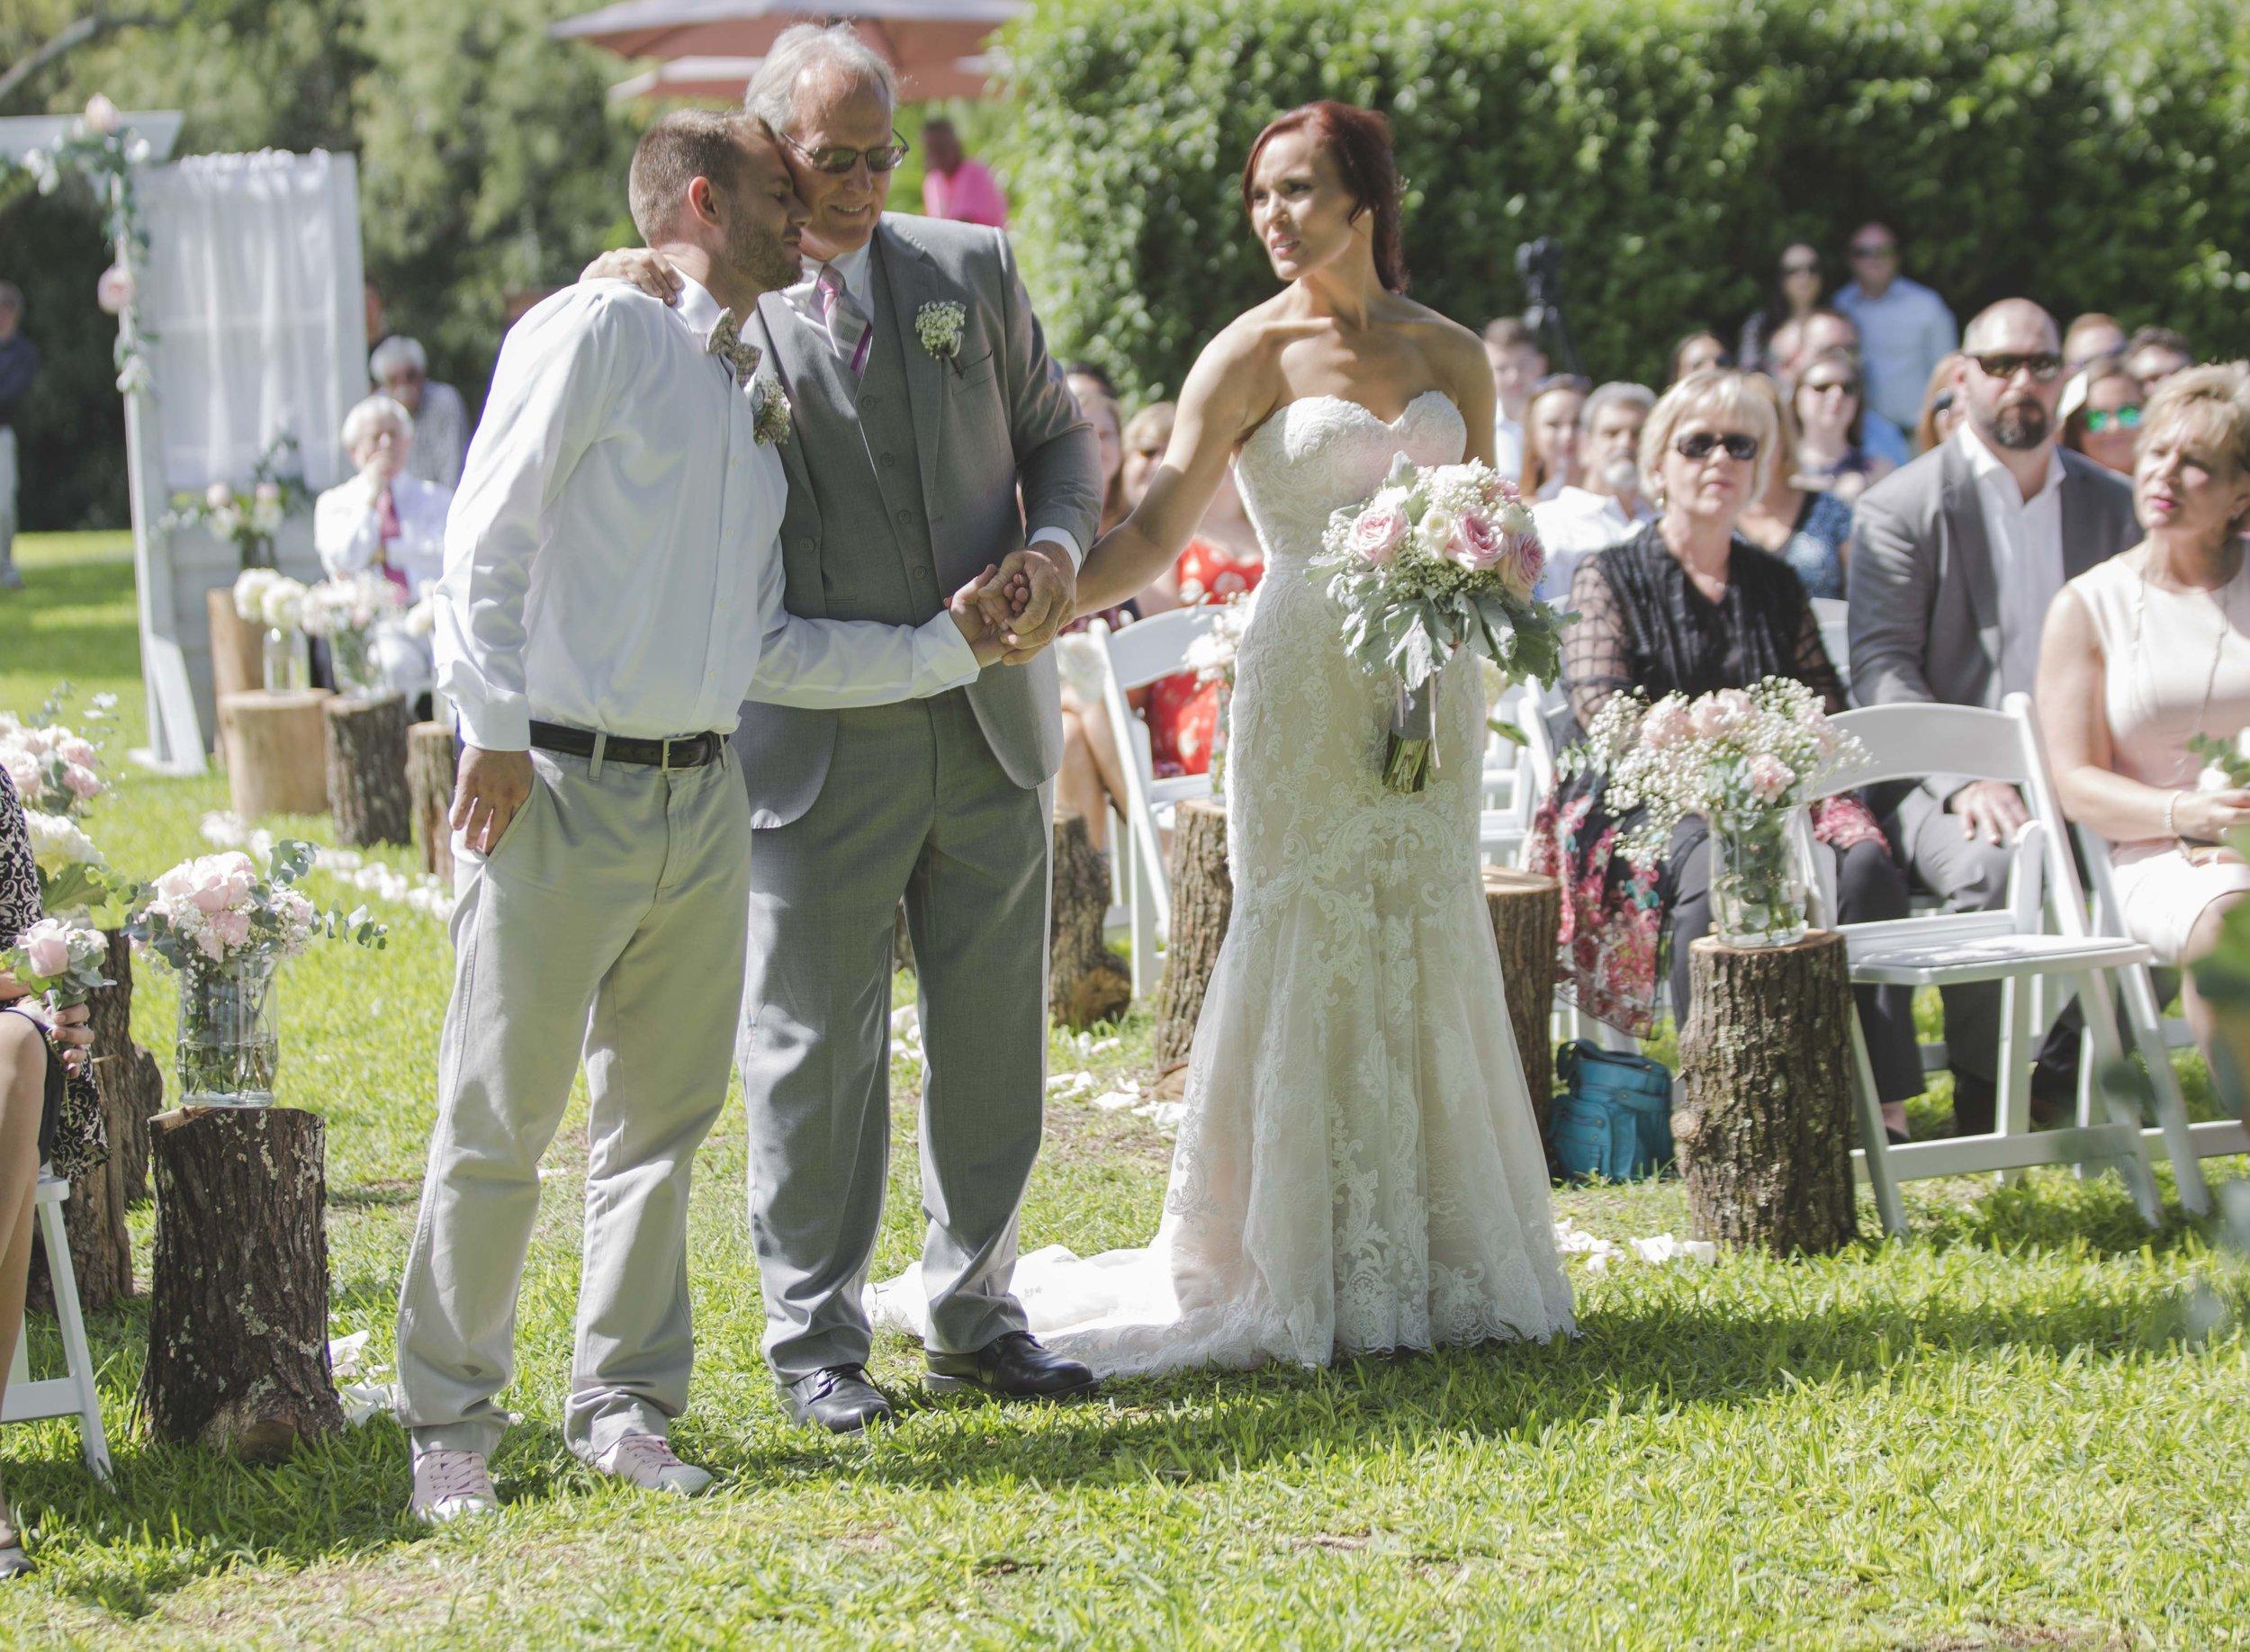 ATGI_Susanna & Matt Wedding_717A7627.jpg